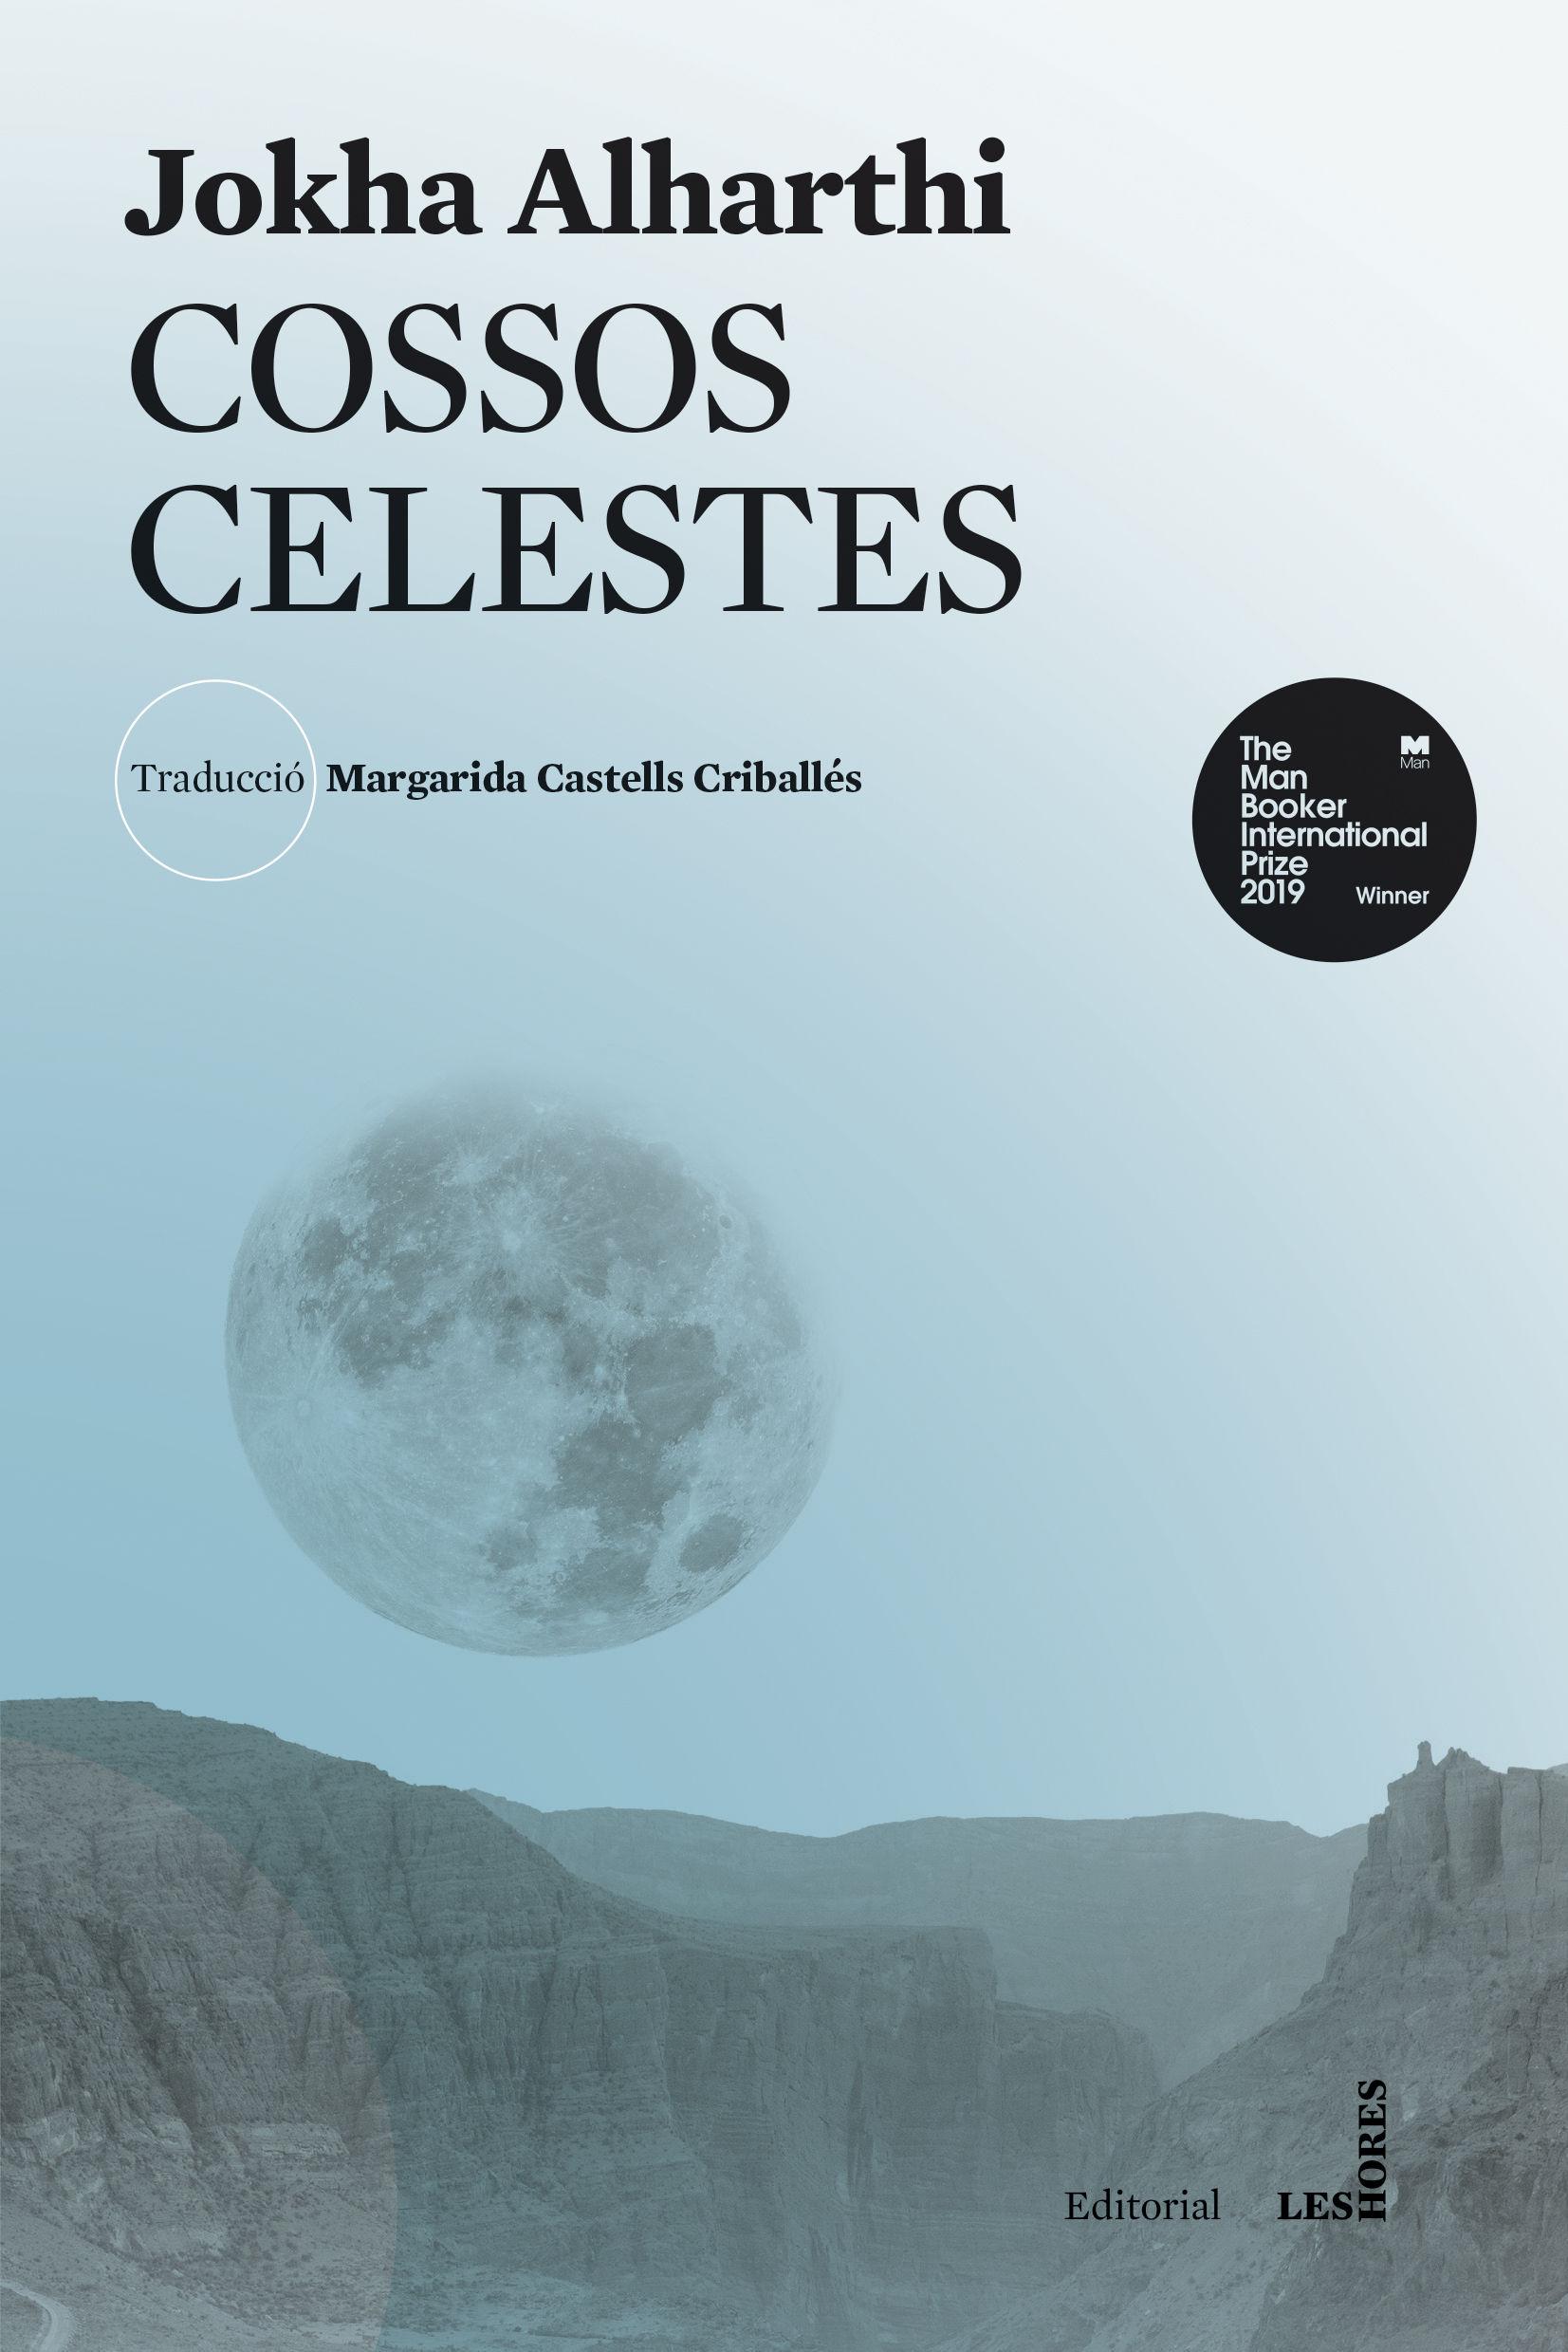 COSSOS CELESTES